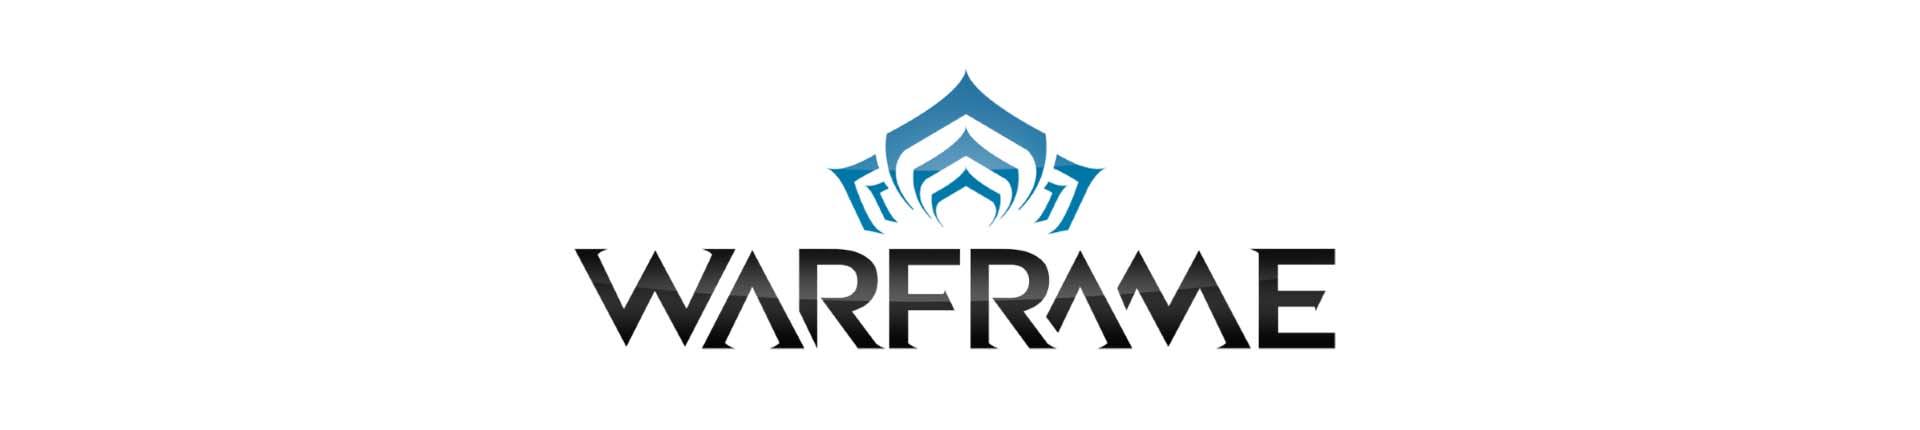 <a href='https://www.mightygamesmag.de/all-game-list/warframe/'>Zum Spiel</a>